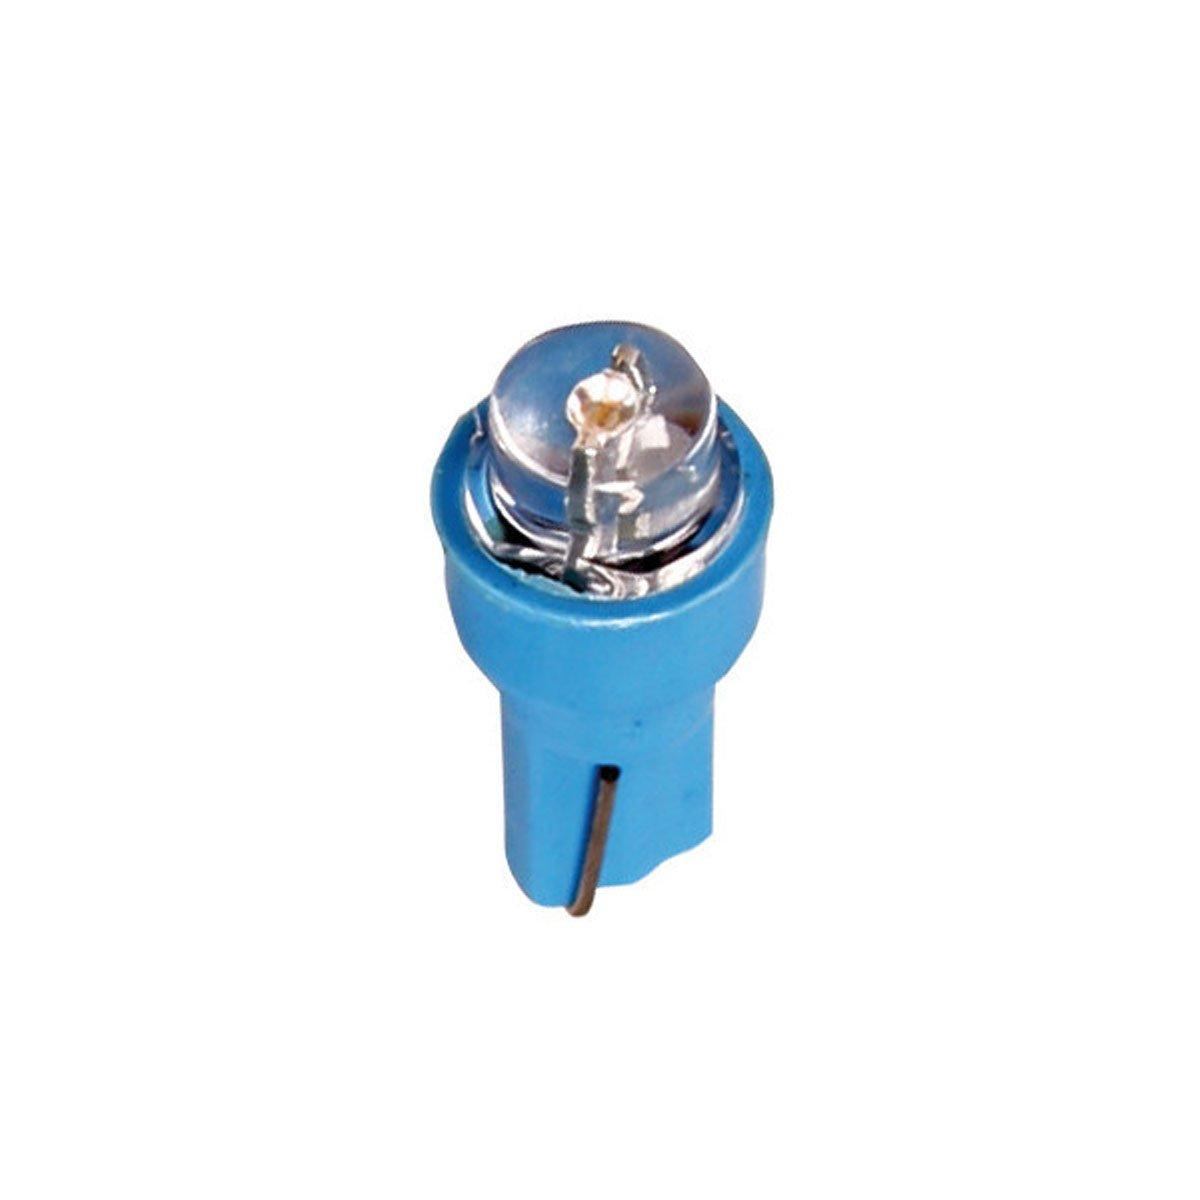 LAMPA - 12V Kit Lampade cruscotto 1 Led - (T5) - W2x4, 6d - 5 pz - D/Blister - Bianco Pilot LA_58484